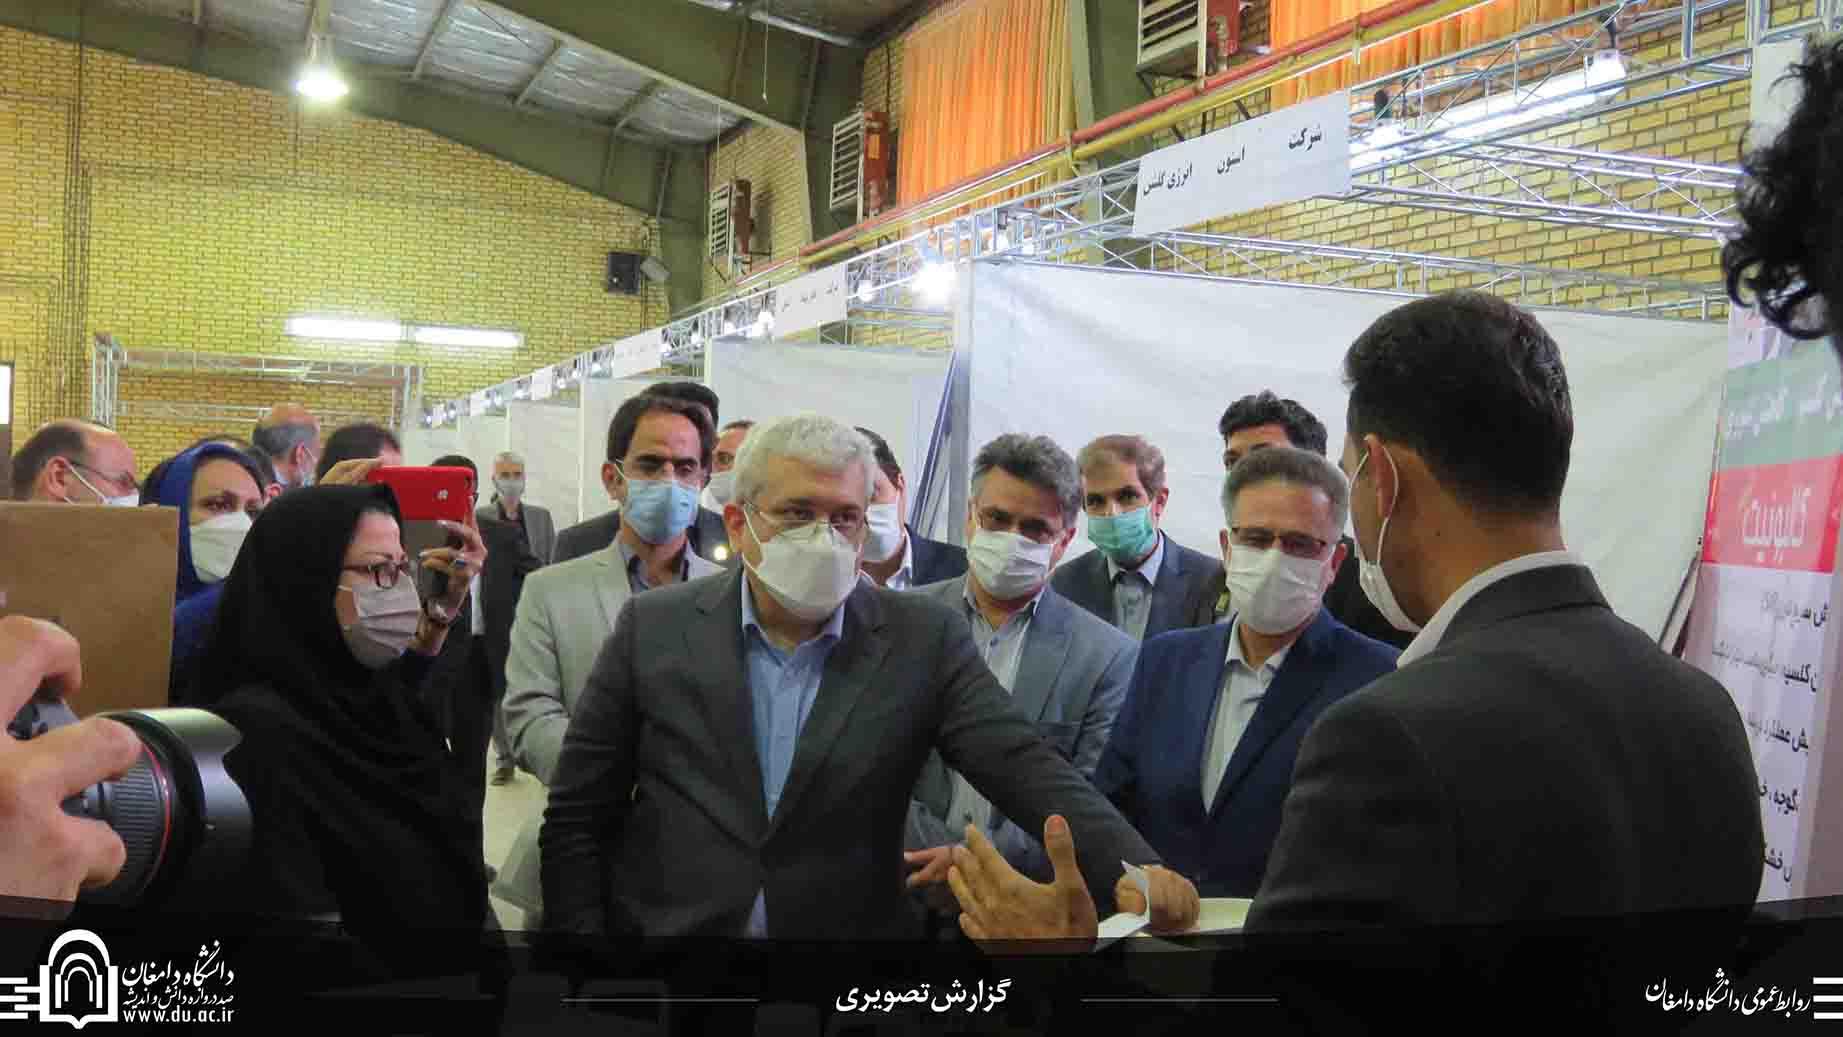 گزارش تصویری بازدید معاون علمی و فناوری رئیس جمهور از دانشگاه دامغان در سفر یکروزه ایشان به استان سمنان